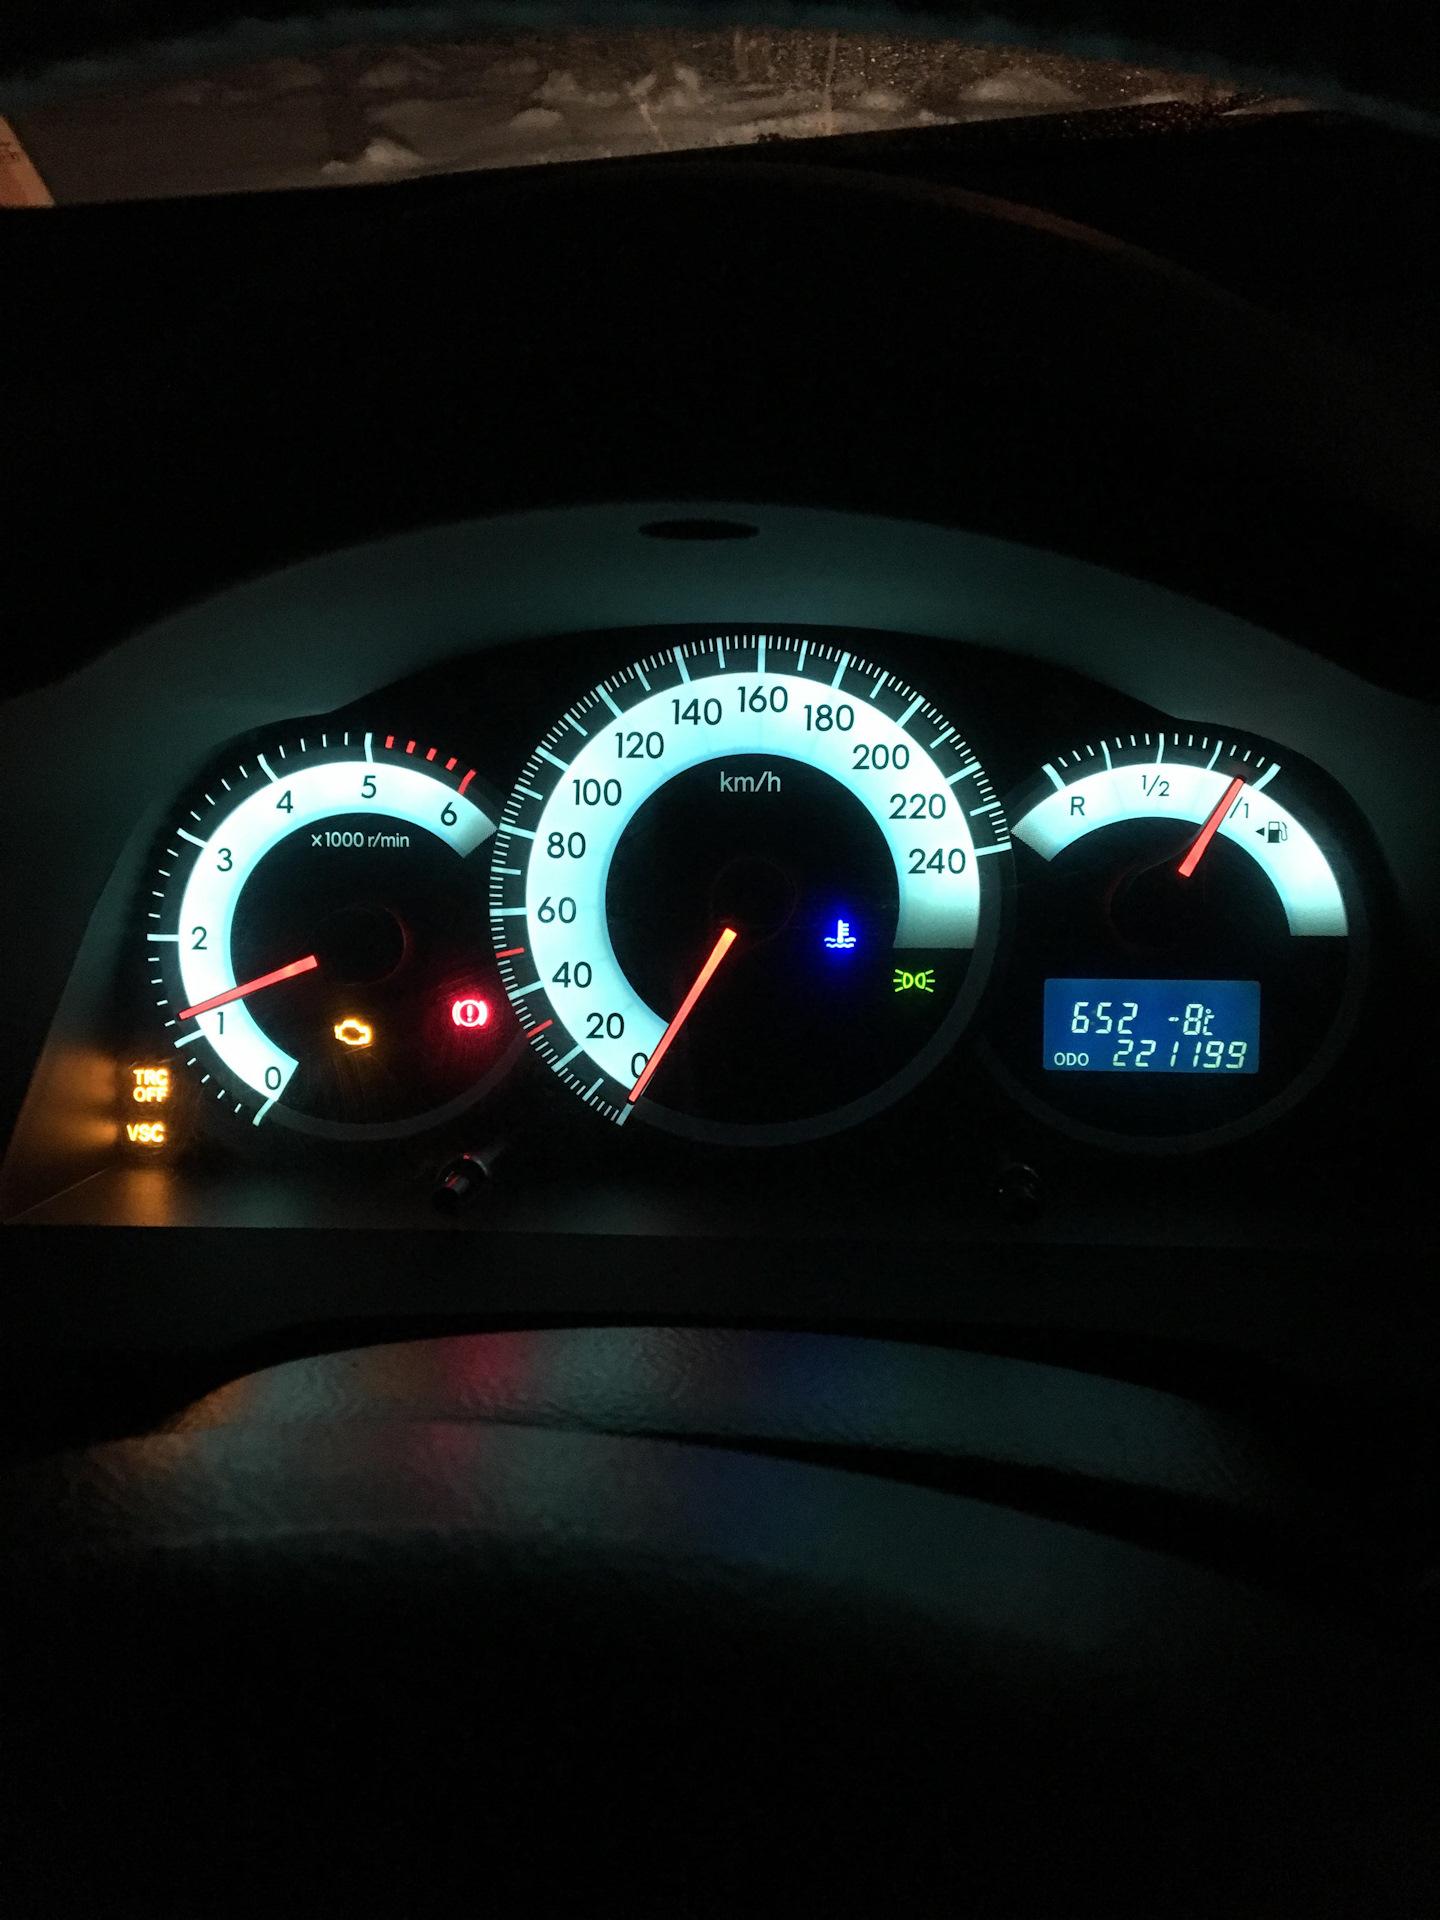 Ошибка P0400 , ЕРГ — Toyota Corolla Verso, 2 2 л , 2006 года на DRIVE2